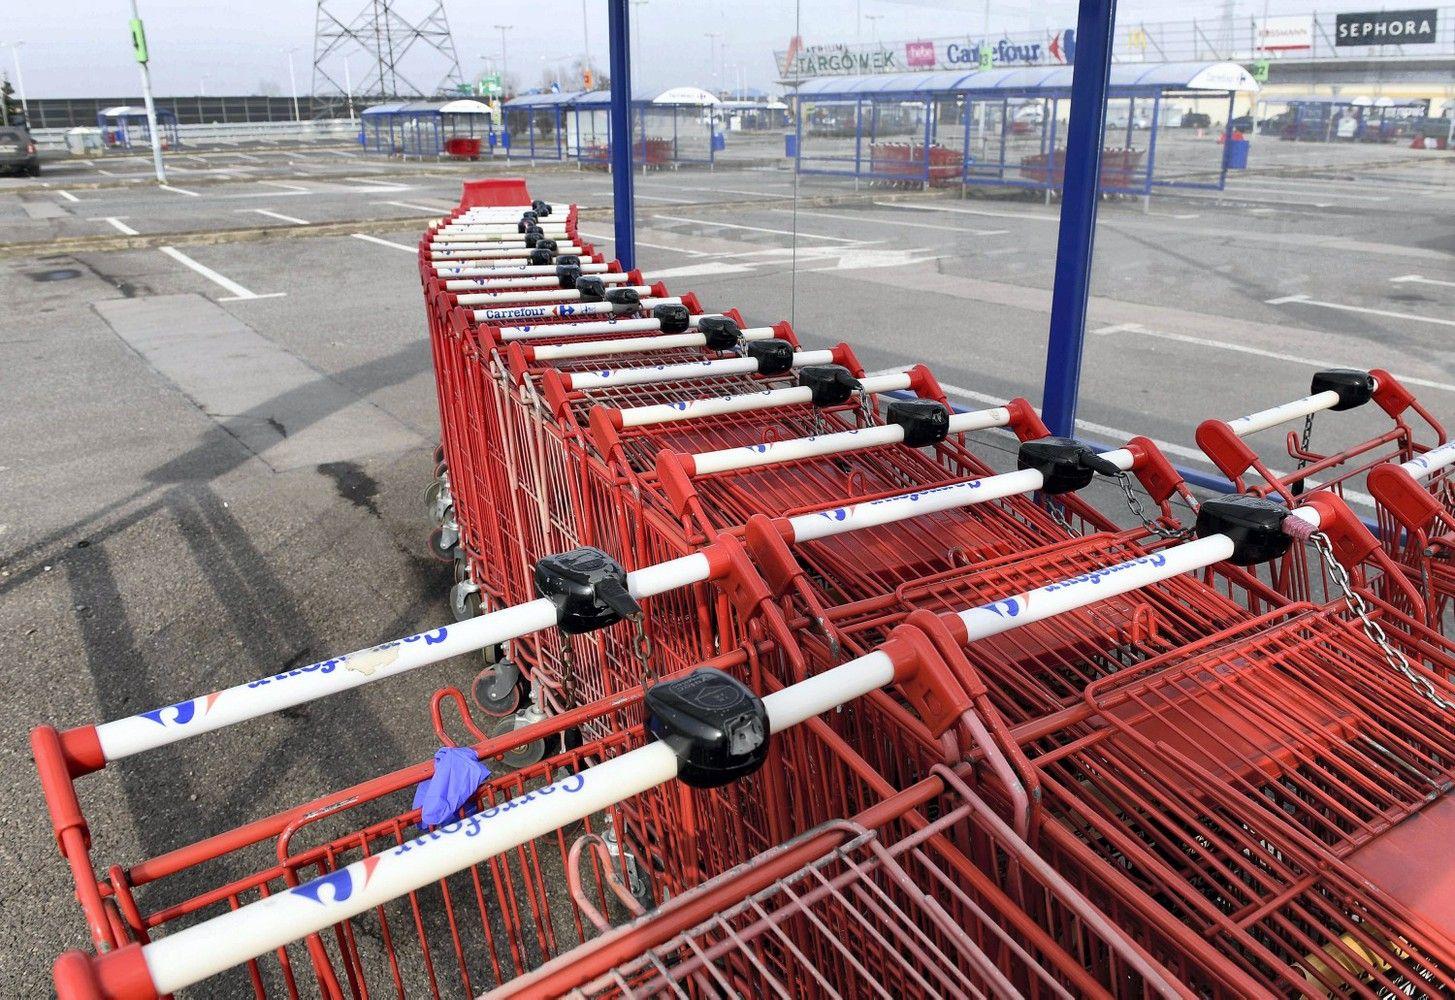 Lenkai jau susimąstė, ar verta riboti prekybos tinklų darbą